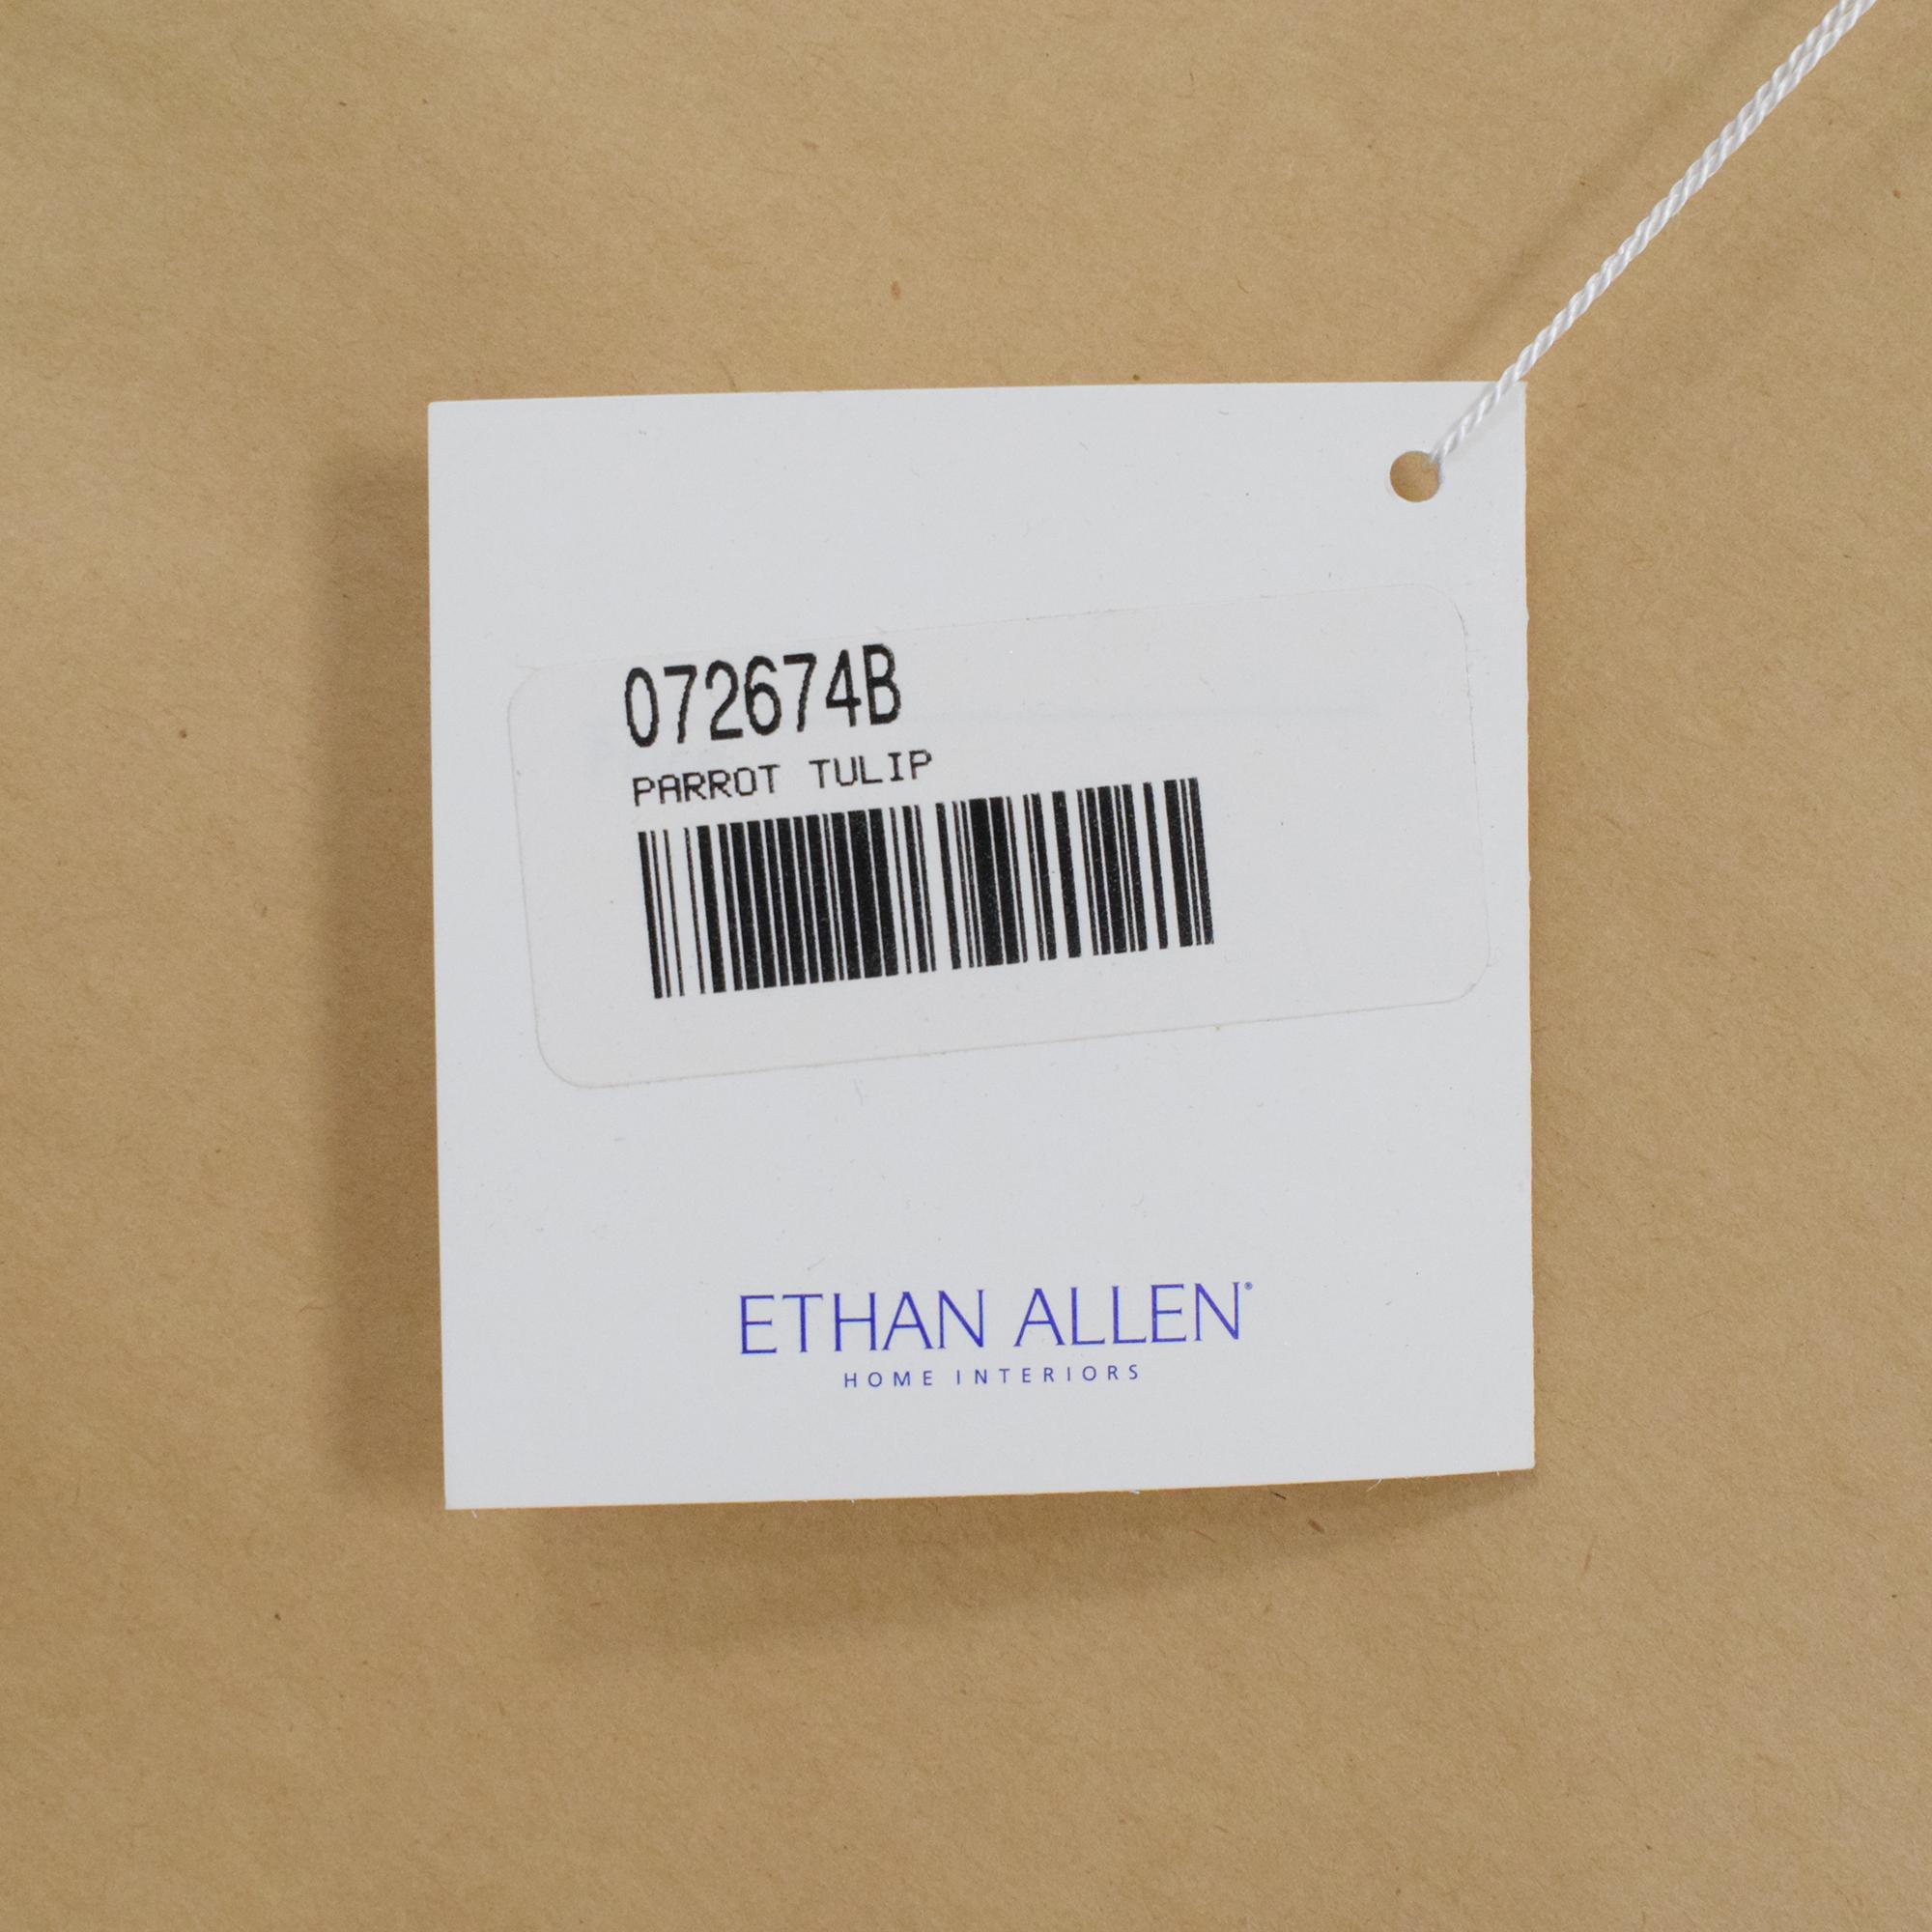 Ethan Allen Ethan Allen Parrot Tulip Wall Art second hand